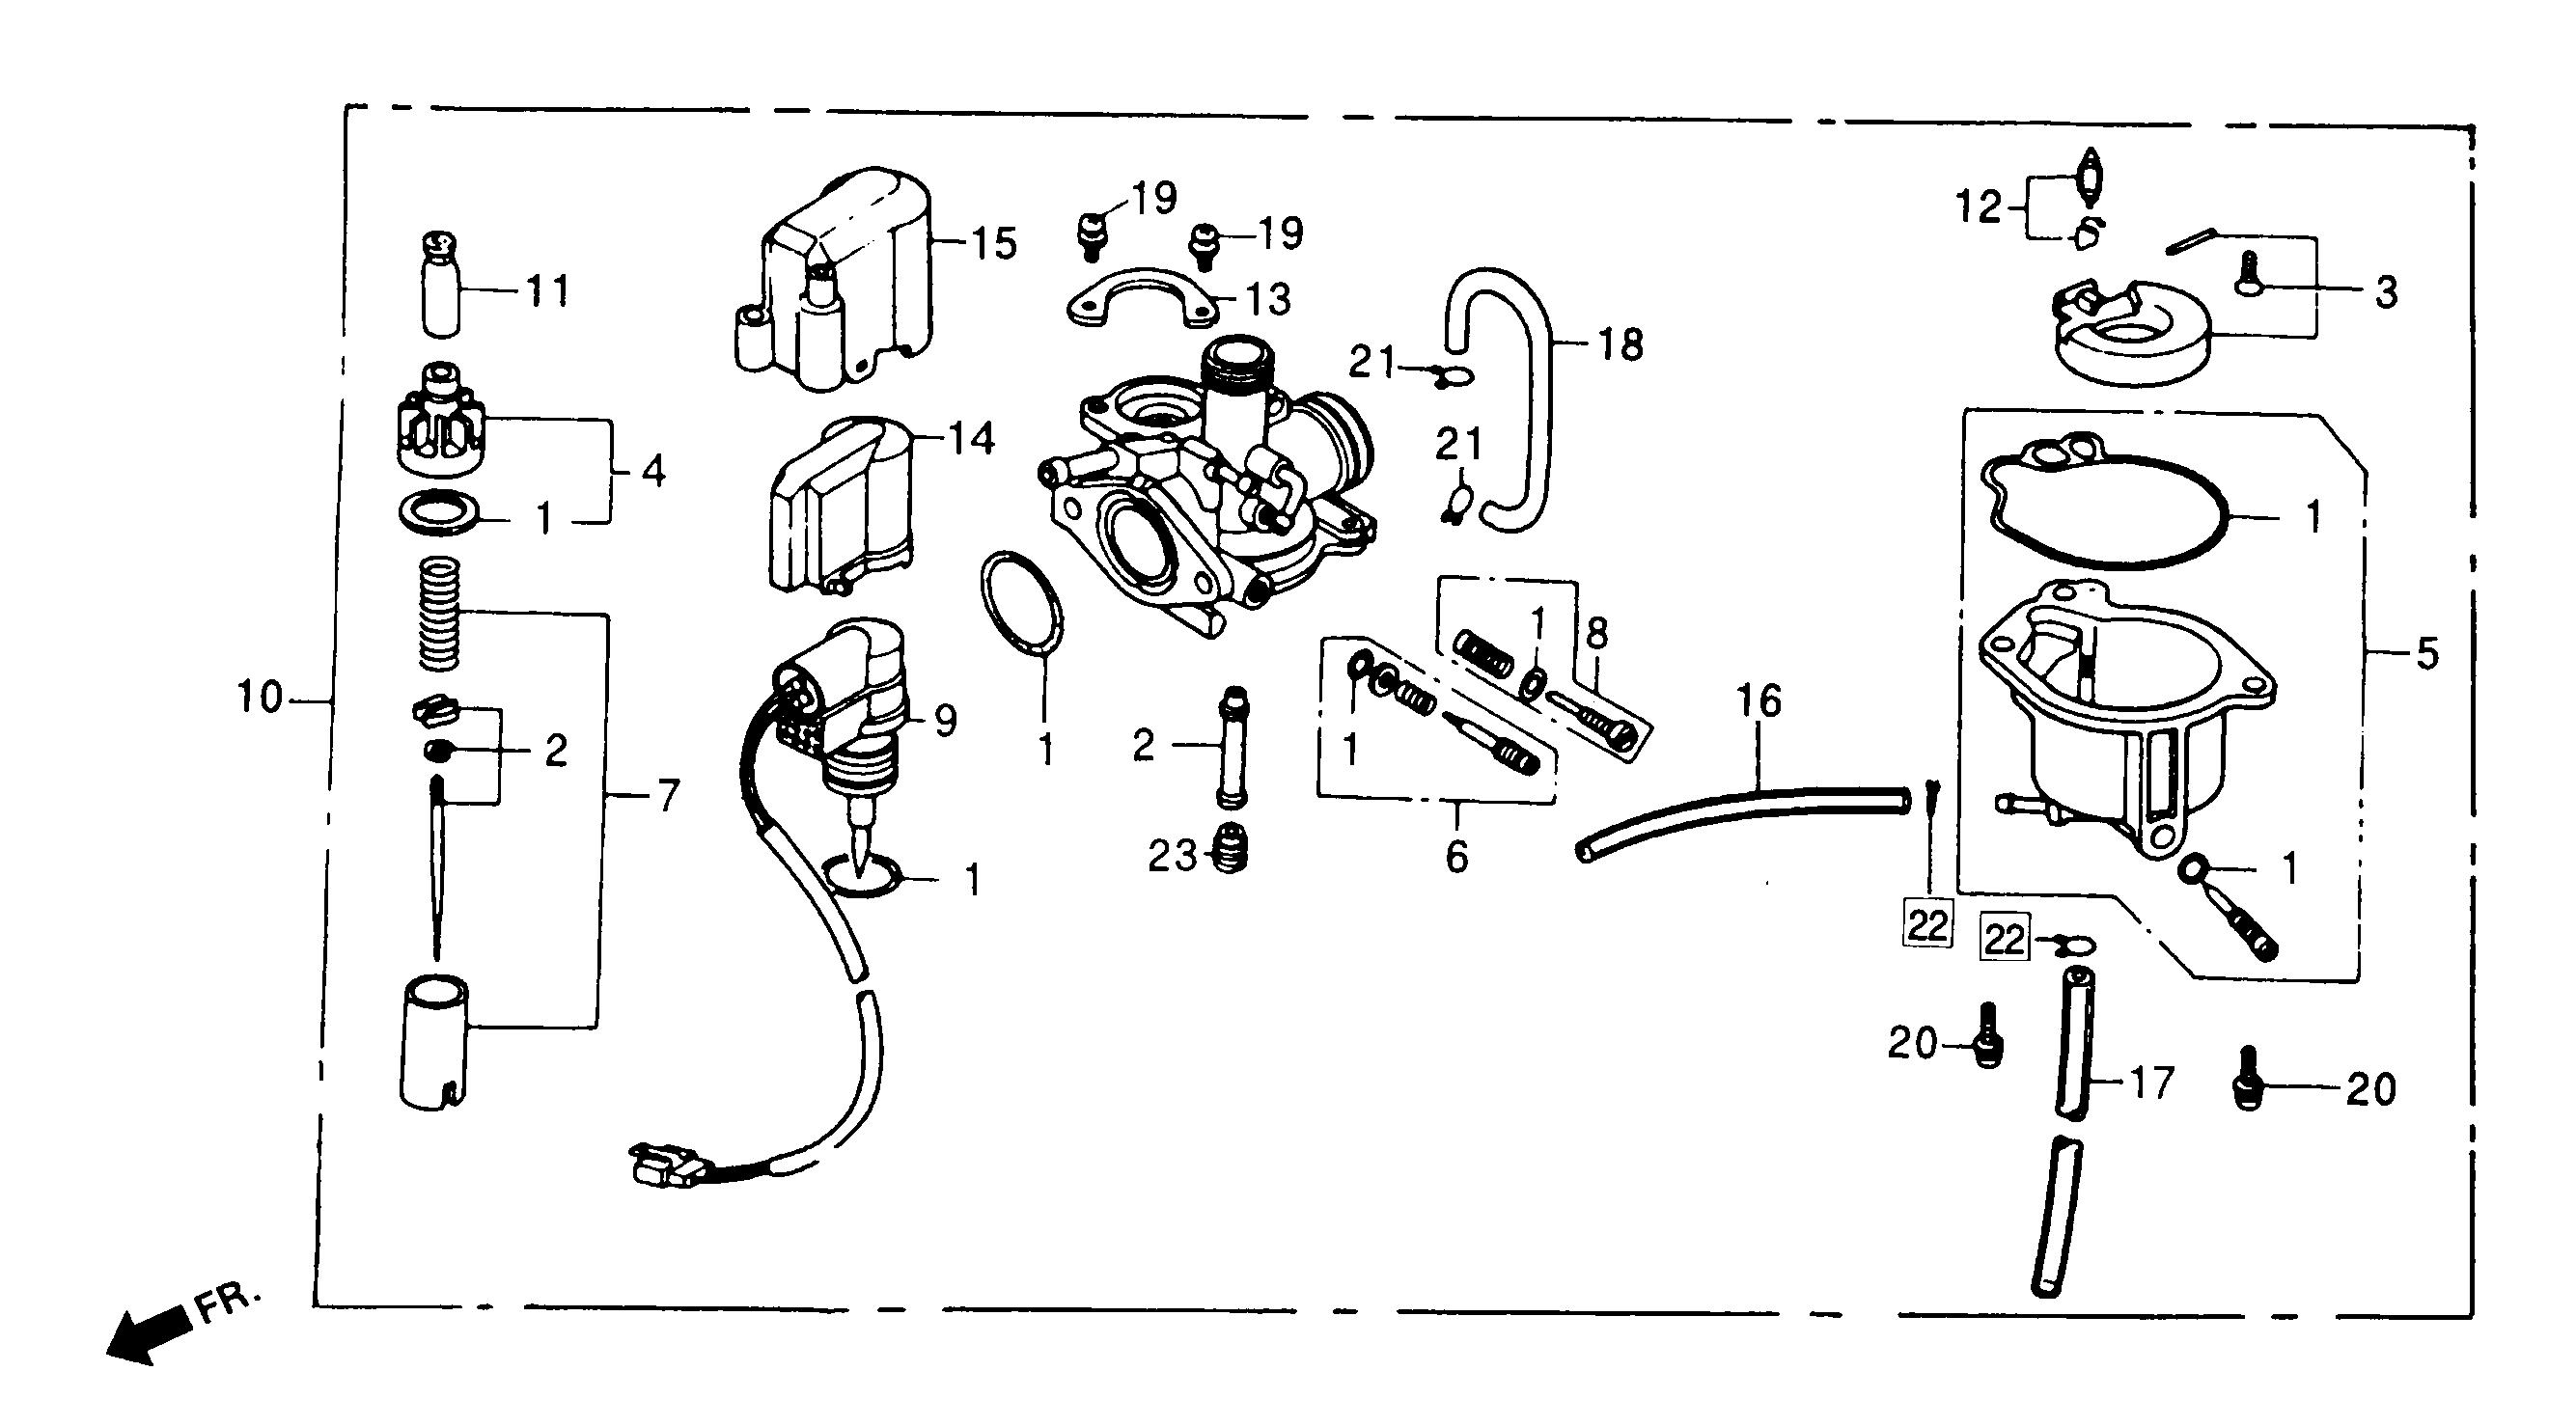 Gurtner / KNG Vergaser 12mm m. Metall-Schwimerkammer